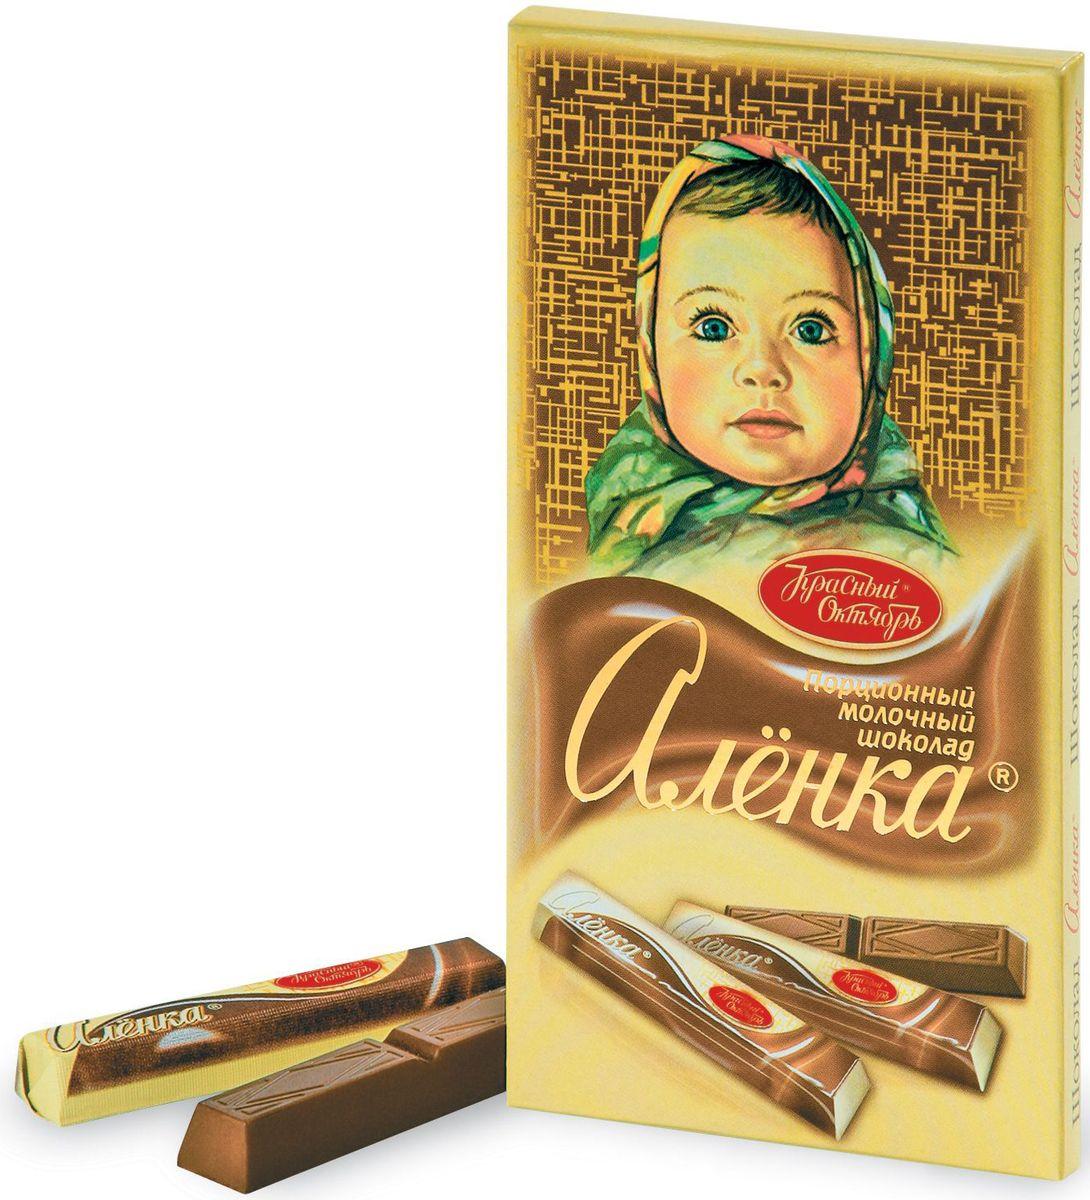 Красный Октябрь Аленка в стиках молочный шоколад, 100 г стульчик мега дом фунтик красный